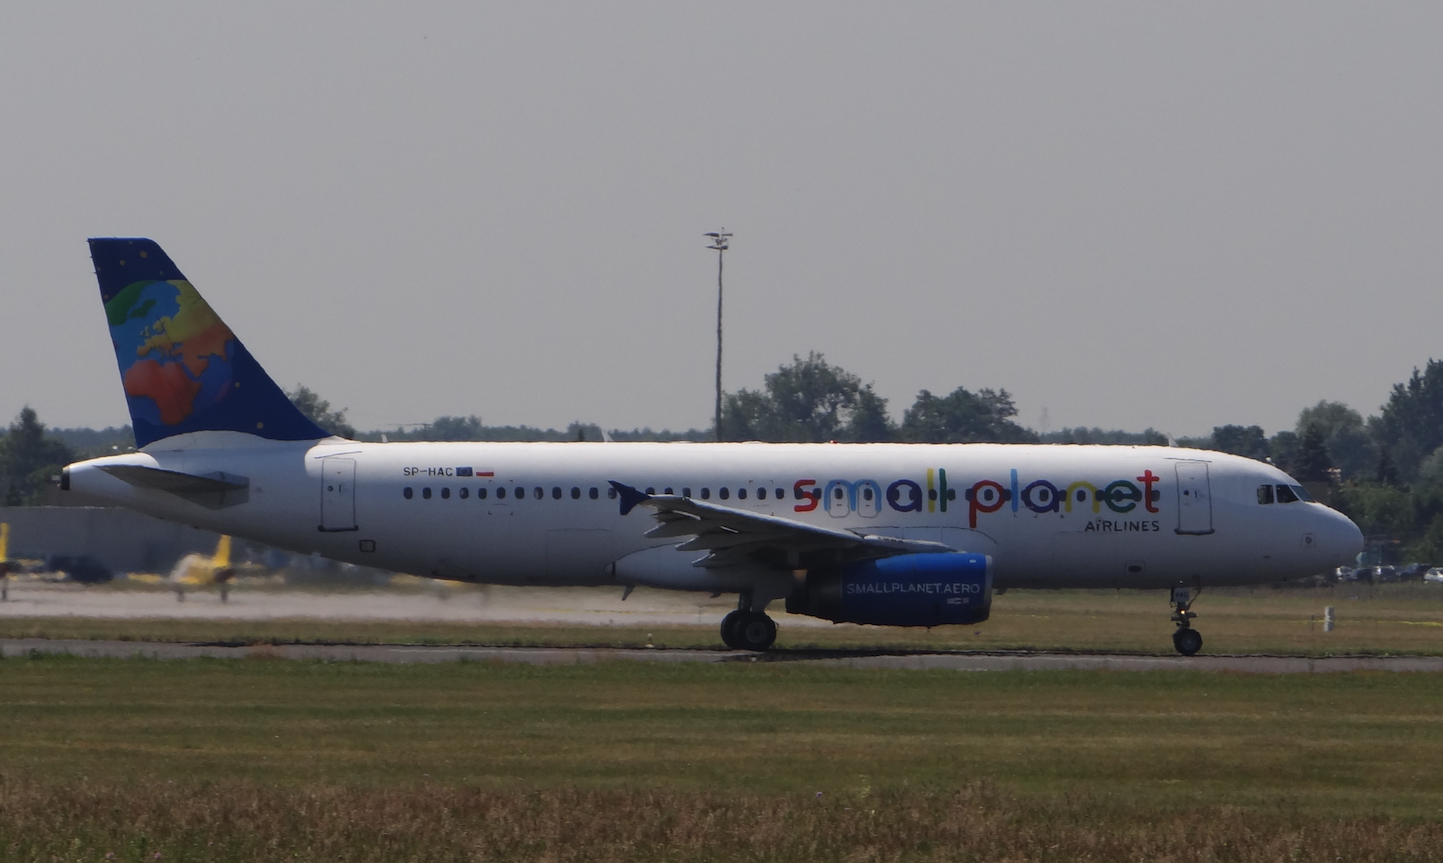 Airbus A.320 SP-HAC linii Small Planet. Lotnisko Ławica. 2015 rok. Zdjęcie Karol Placha Hetman